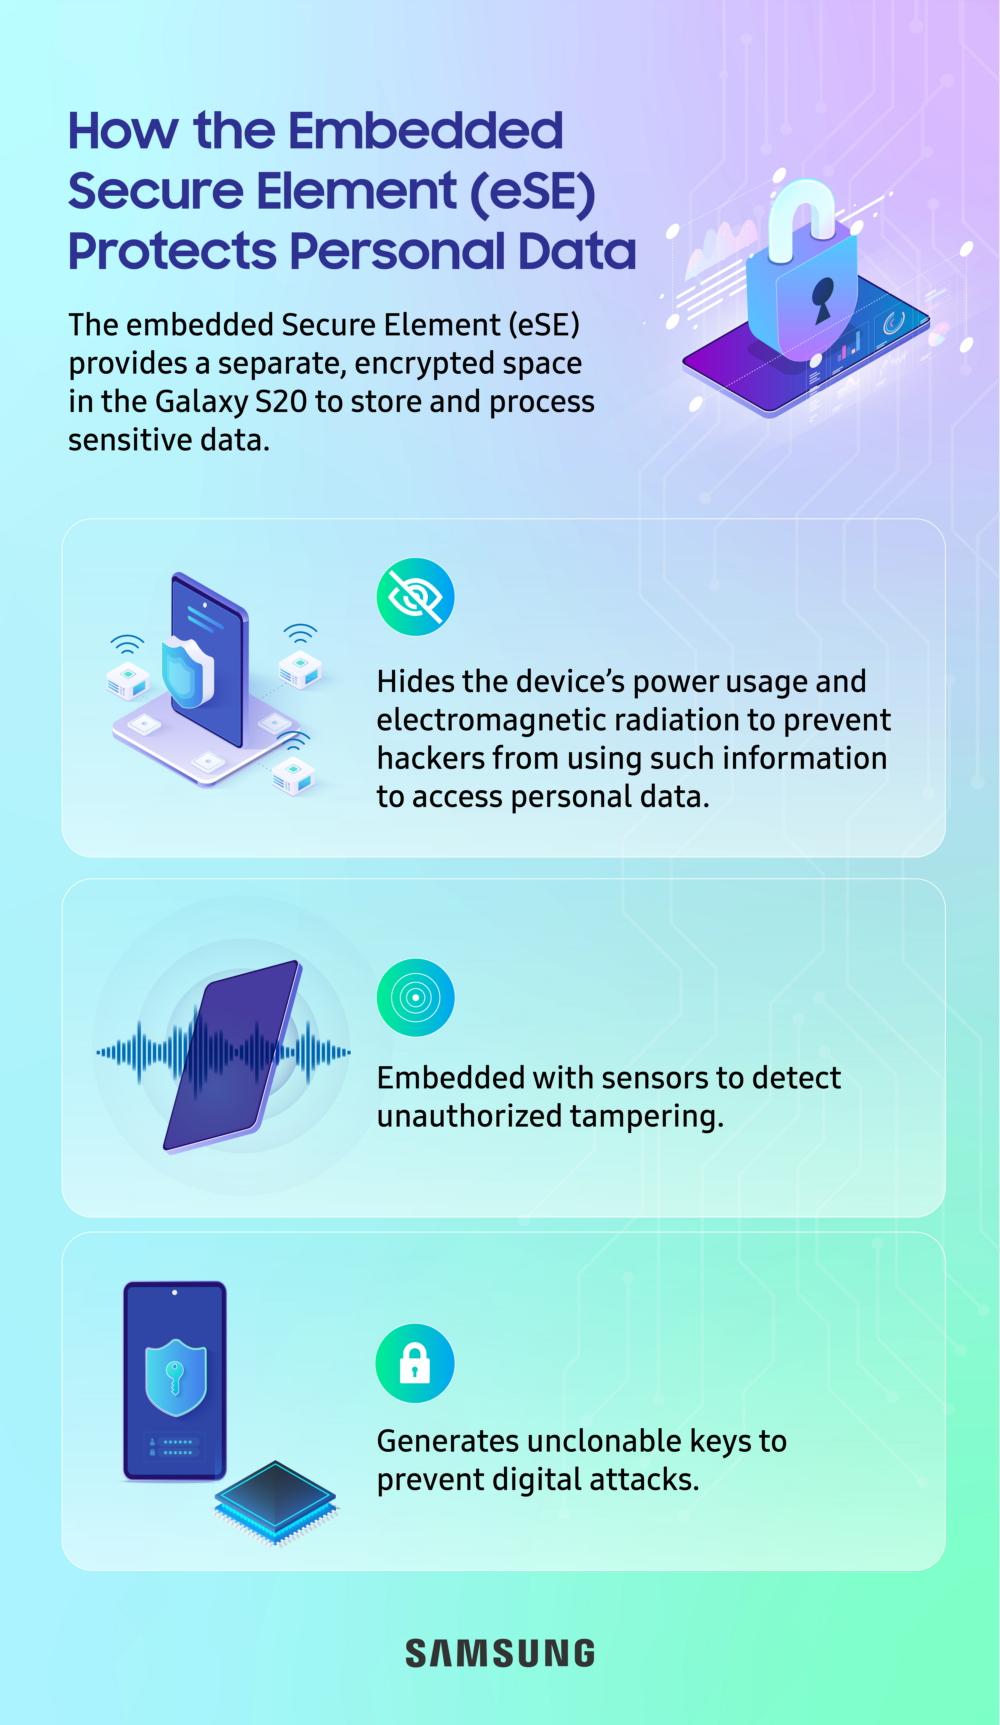 Samsung представляет технологию электронного паспорта в Galaxy S20